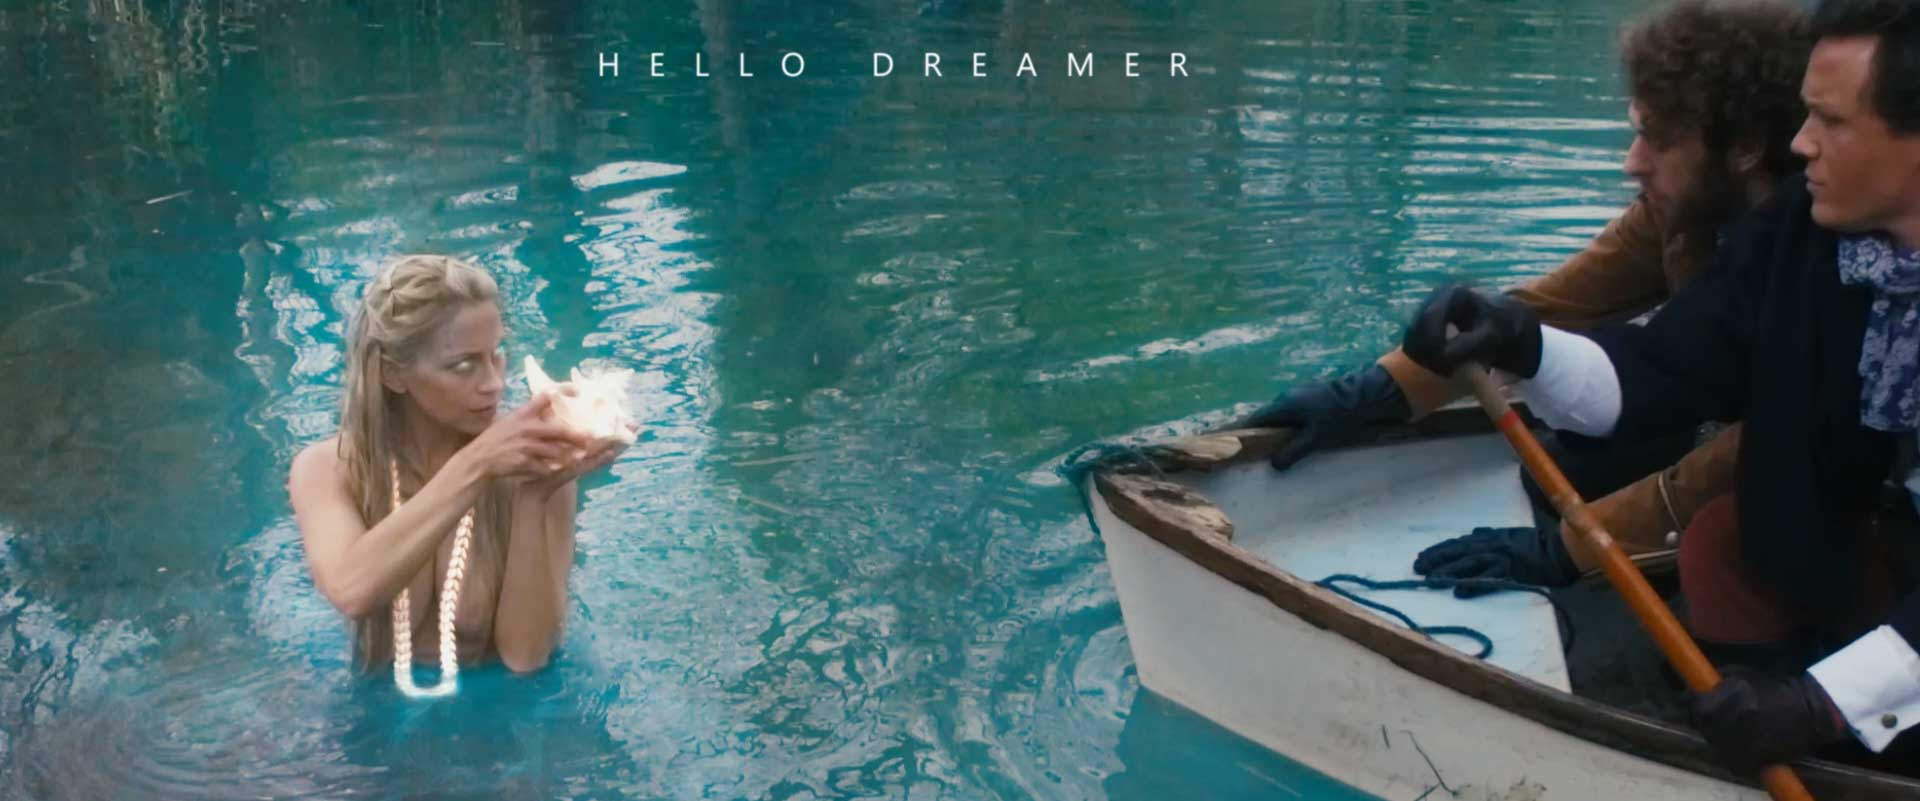 Hello Dreamer.jpg